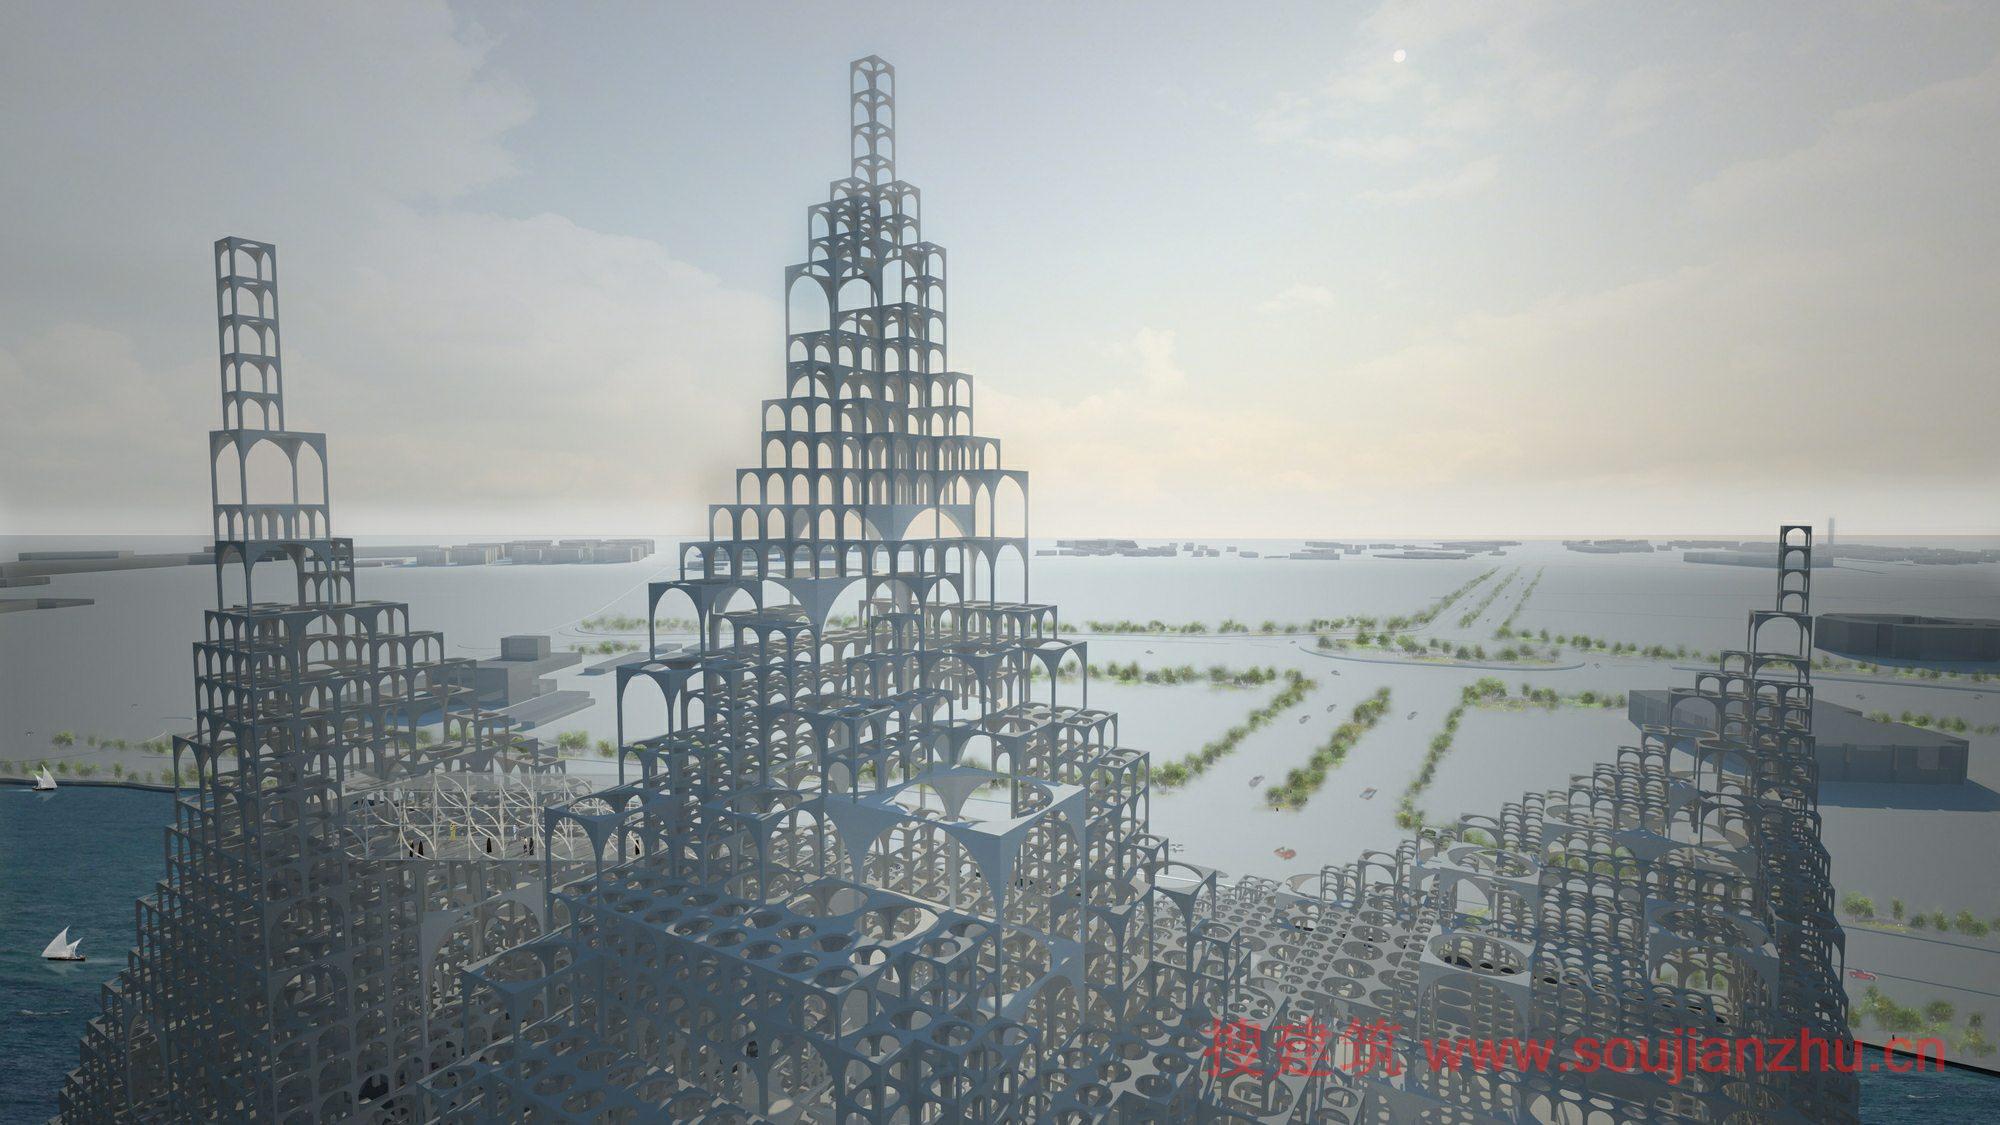 搜建筑网 -- 瞭望塔总体规划---sou fujimoto